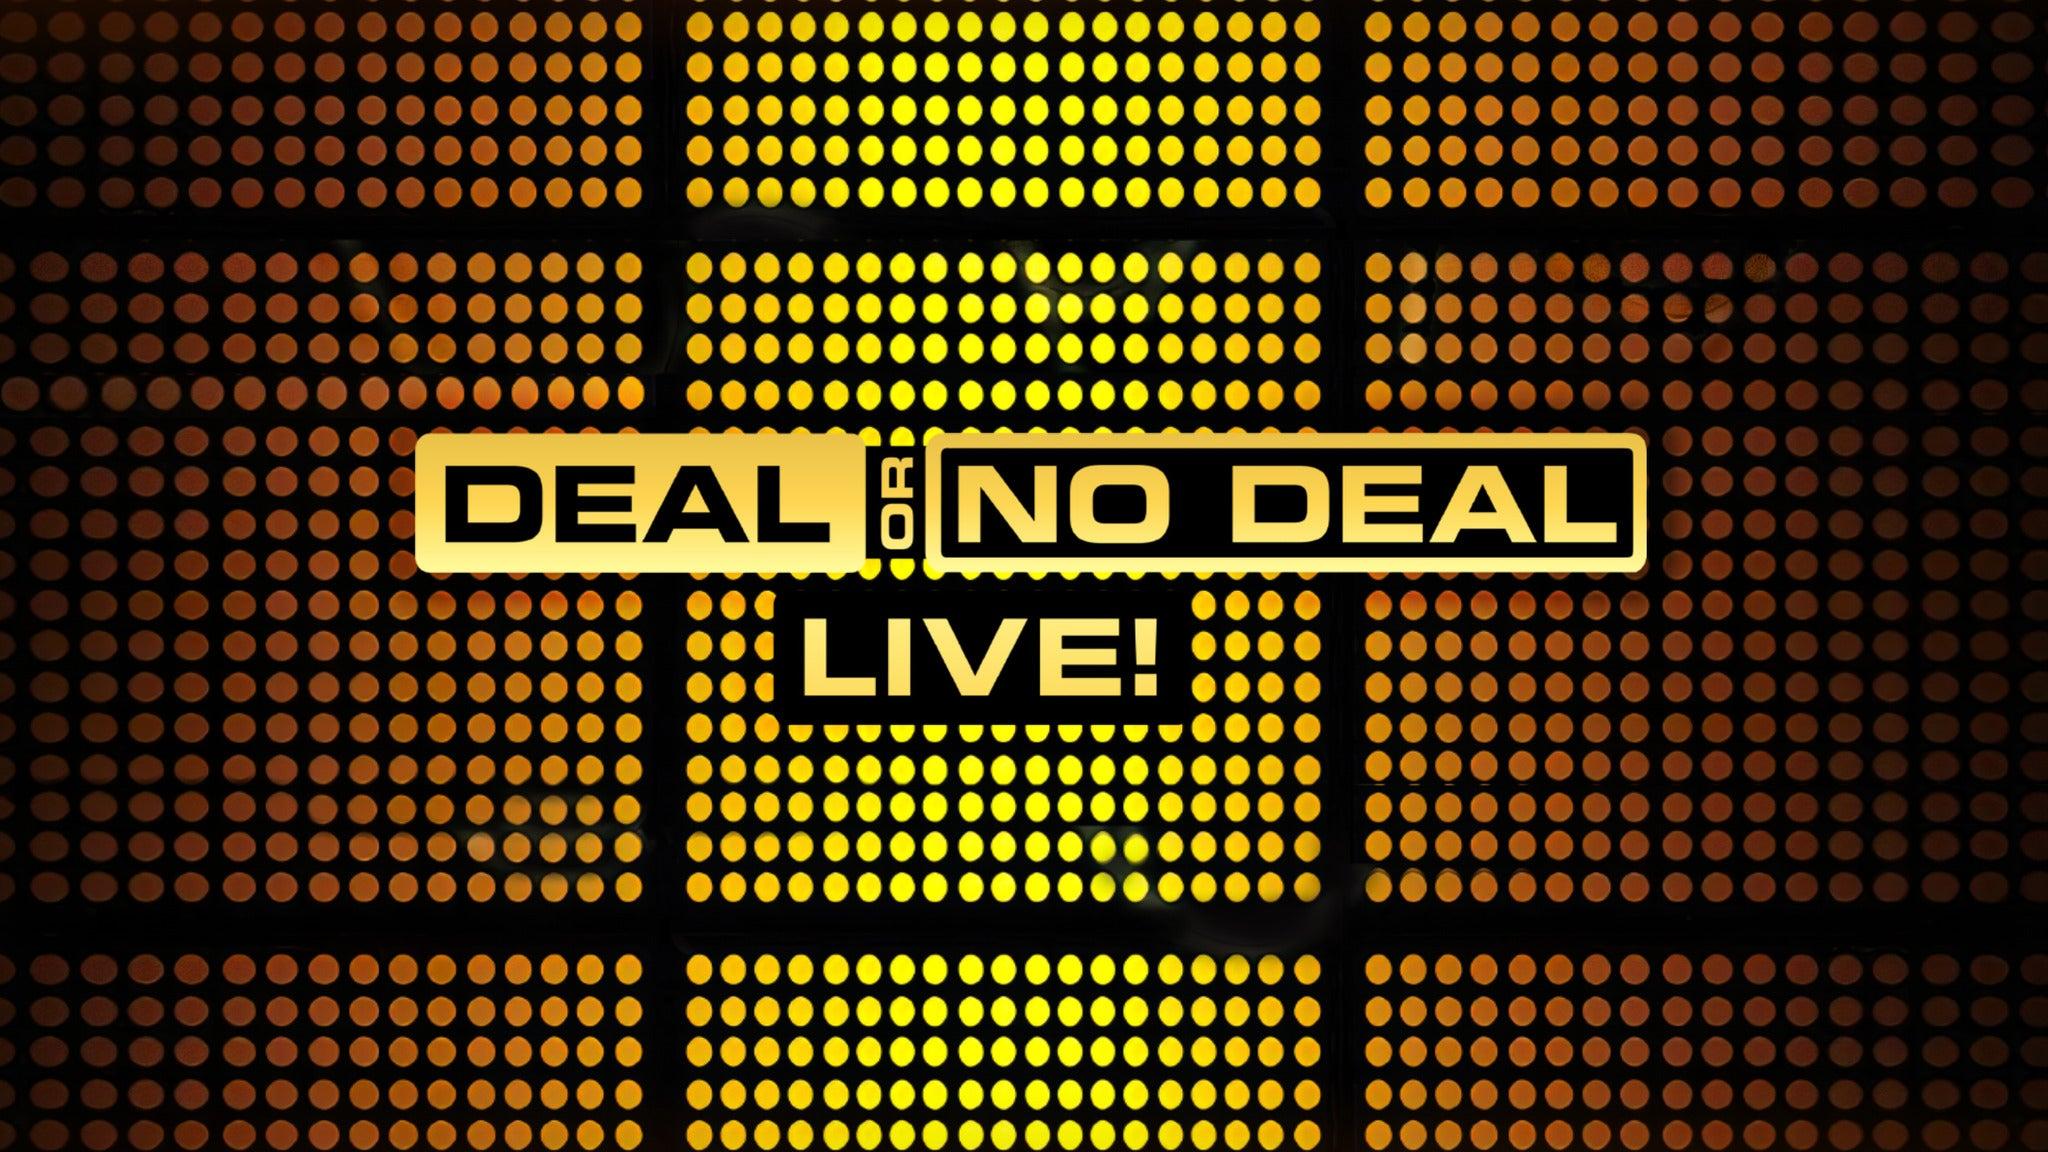 Deal or No Deal Live at Harrah's Resort Atlantic City